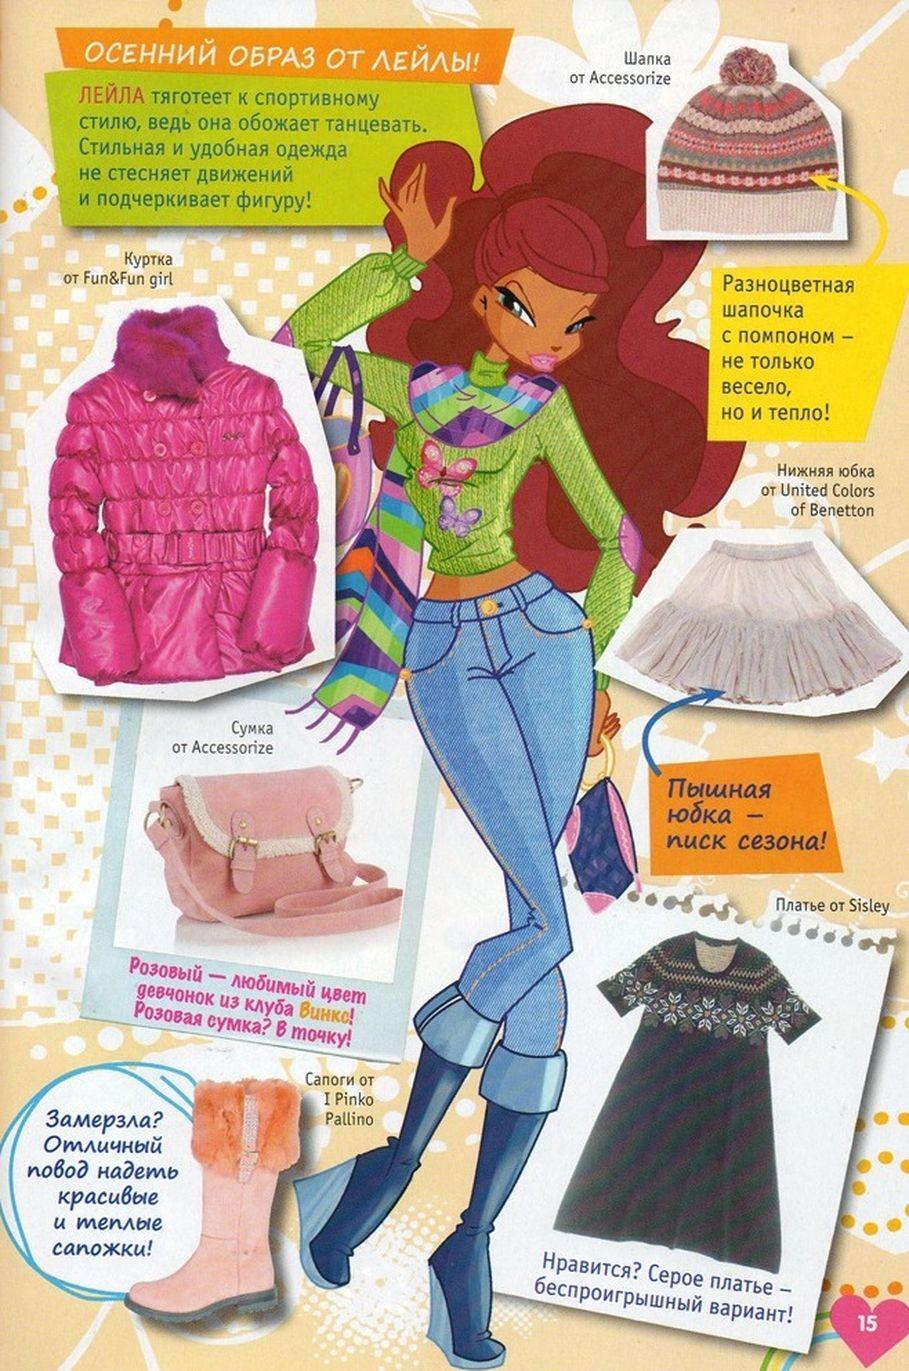 Комикс Винкс Winx - Каменные великаны (Журнал Винкс №11 2011) - стр. 12